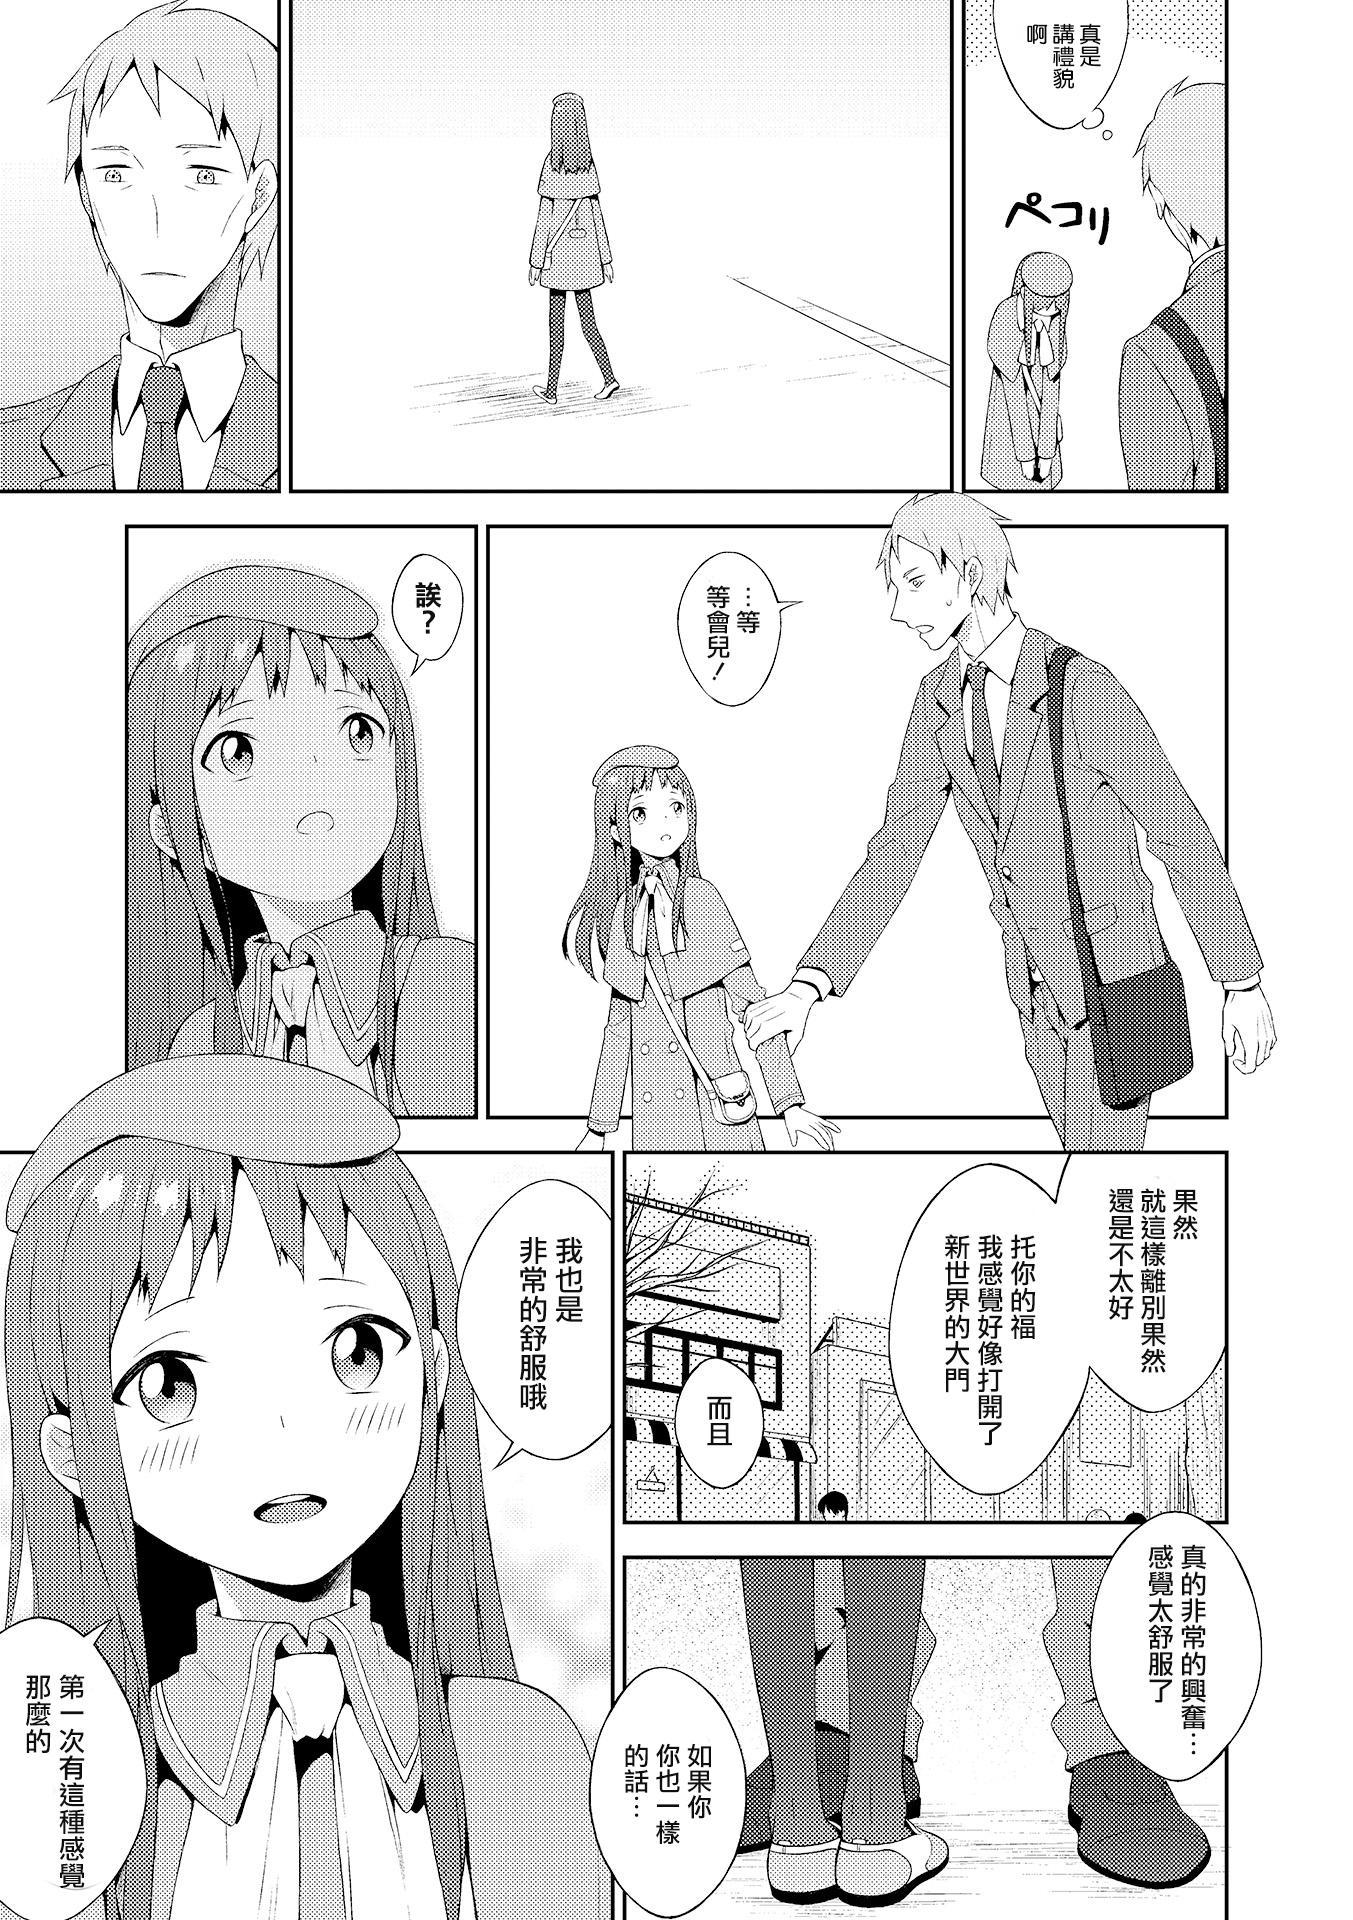 Otokonoko wa Kirai desu ka? 18